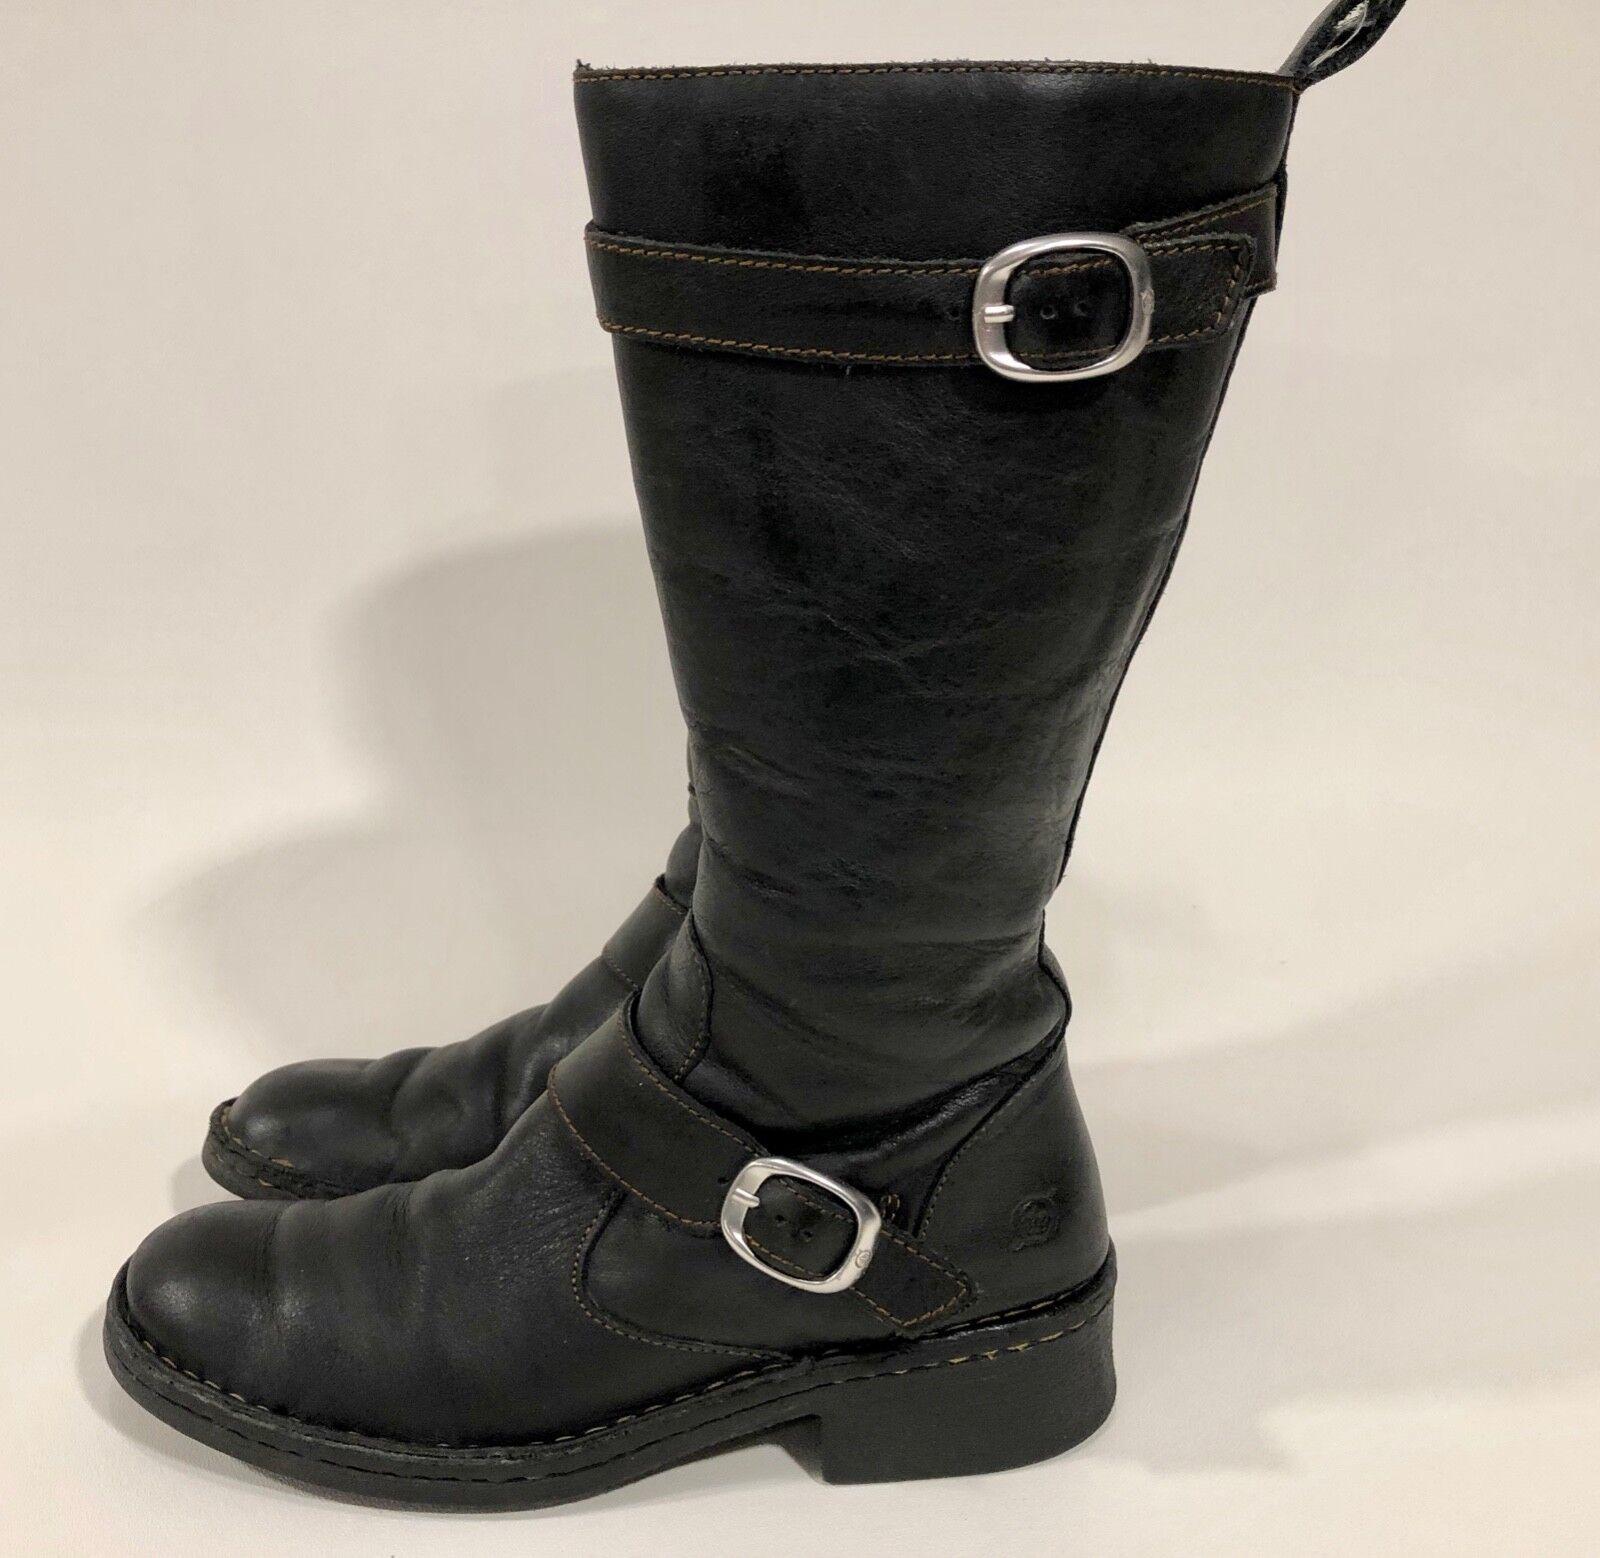 Obtén lo ultimo Nacido Para Mujeres Cuero Negro Negro Negro hasta Cremallera Lateral Hebillas botas de Montar estilo W31788  toma